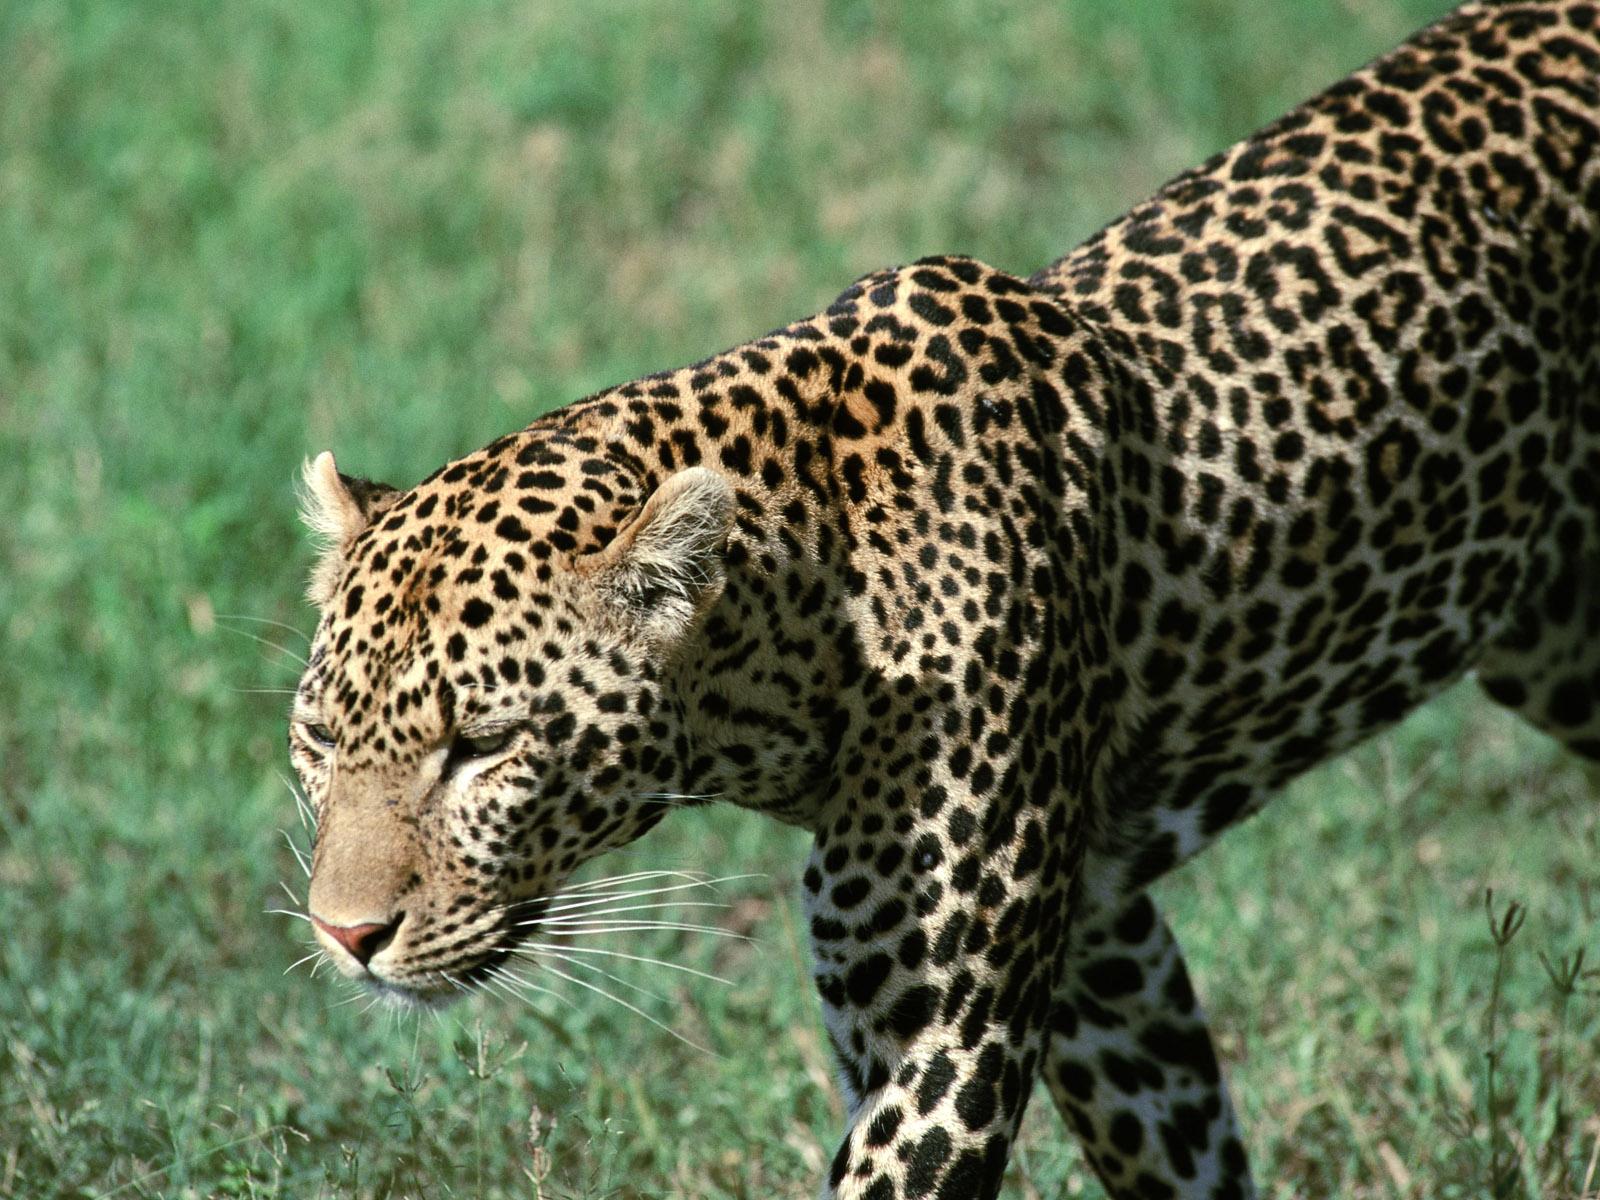 عکس های حیوانات و جانوران با کیفیت بالا